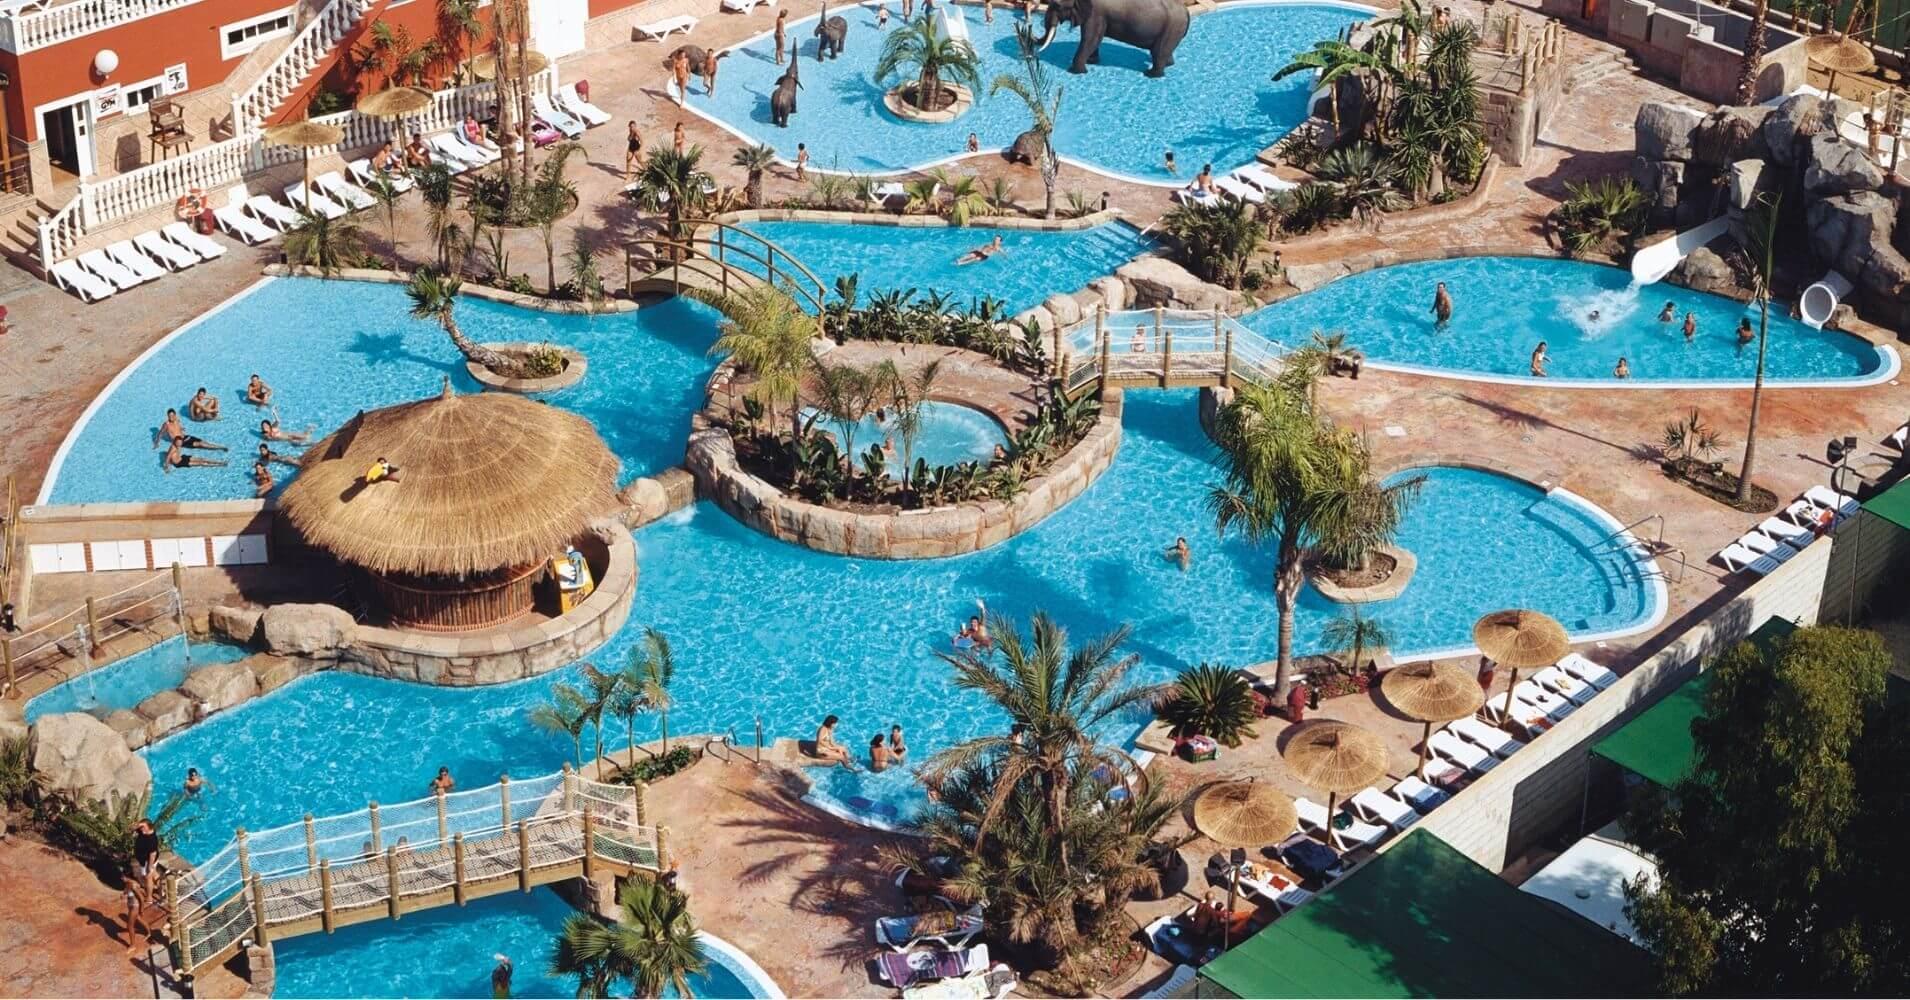 Piscinas del Camping La Marina Resort. La Marina, Elche. Alicante. Comunidad Valenciana. España.